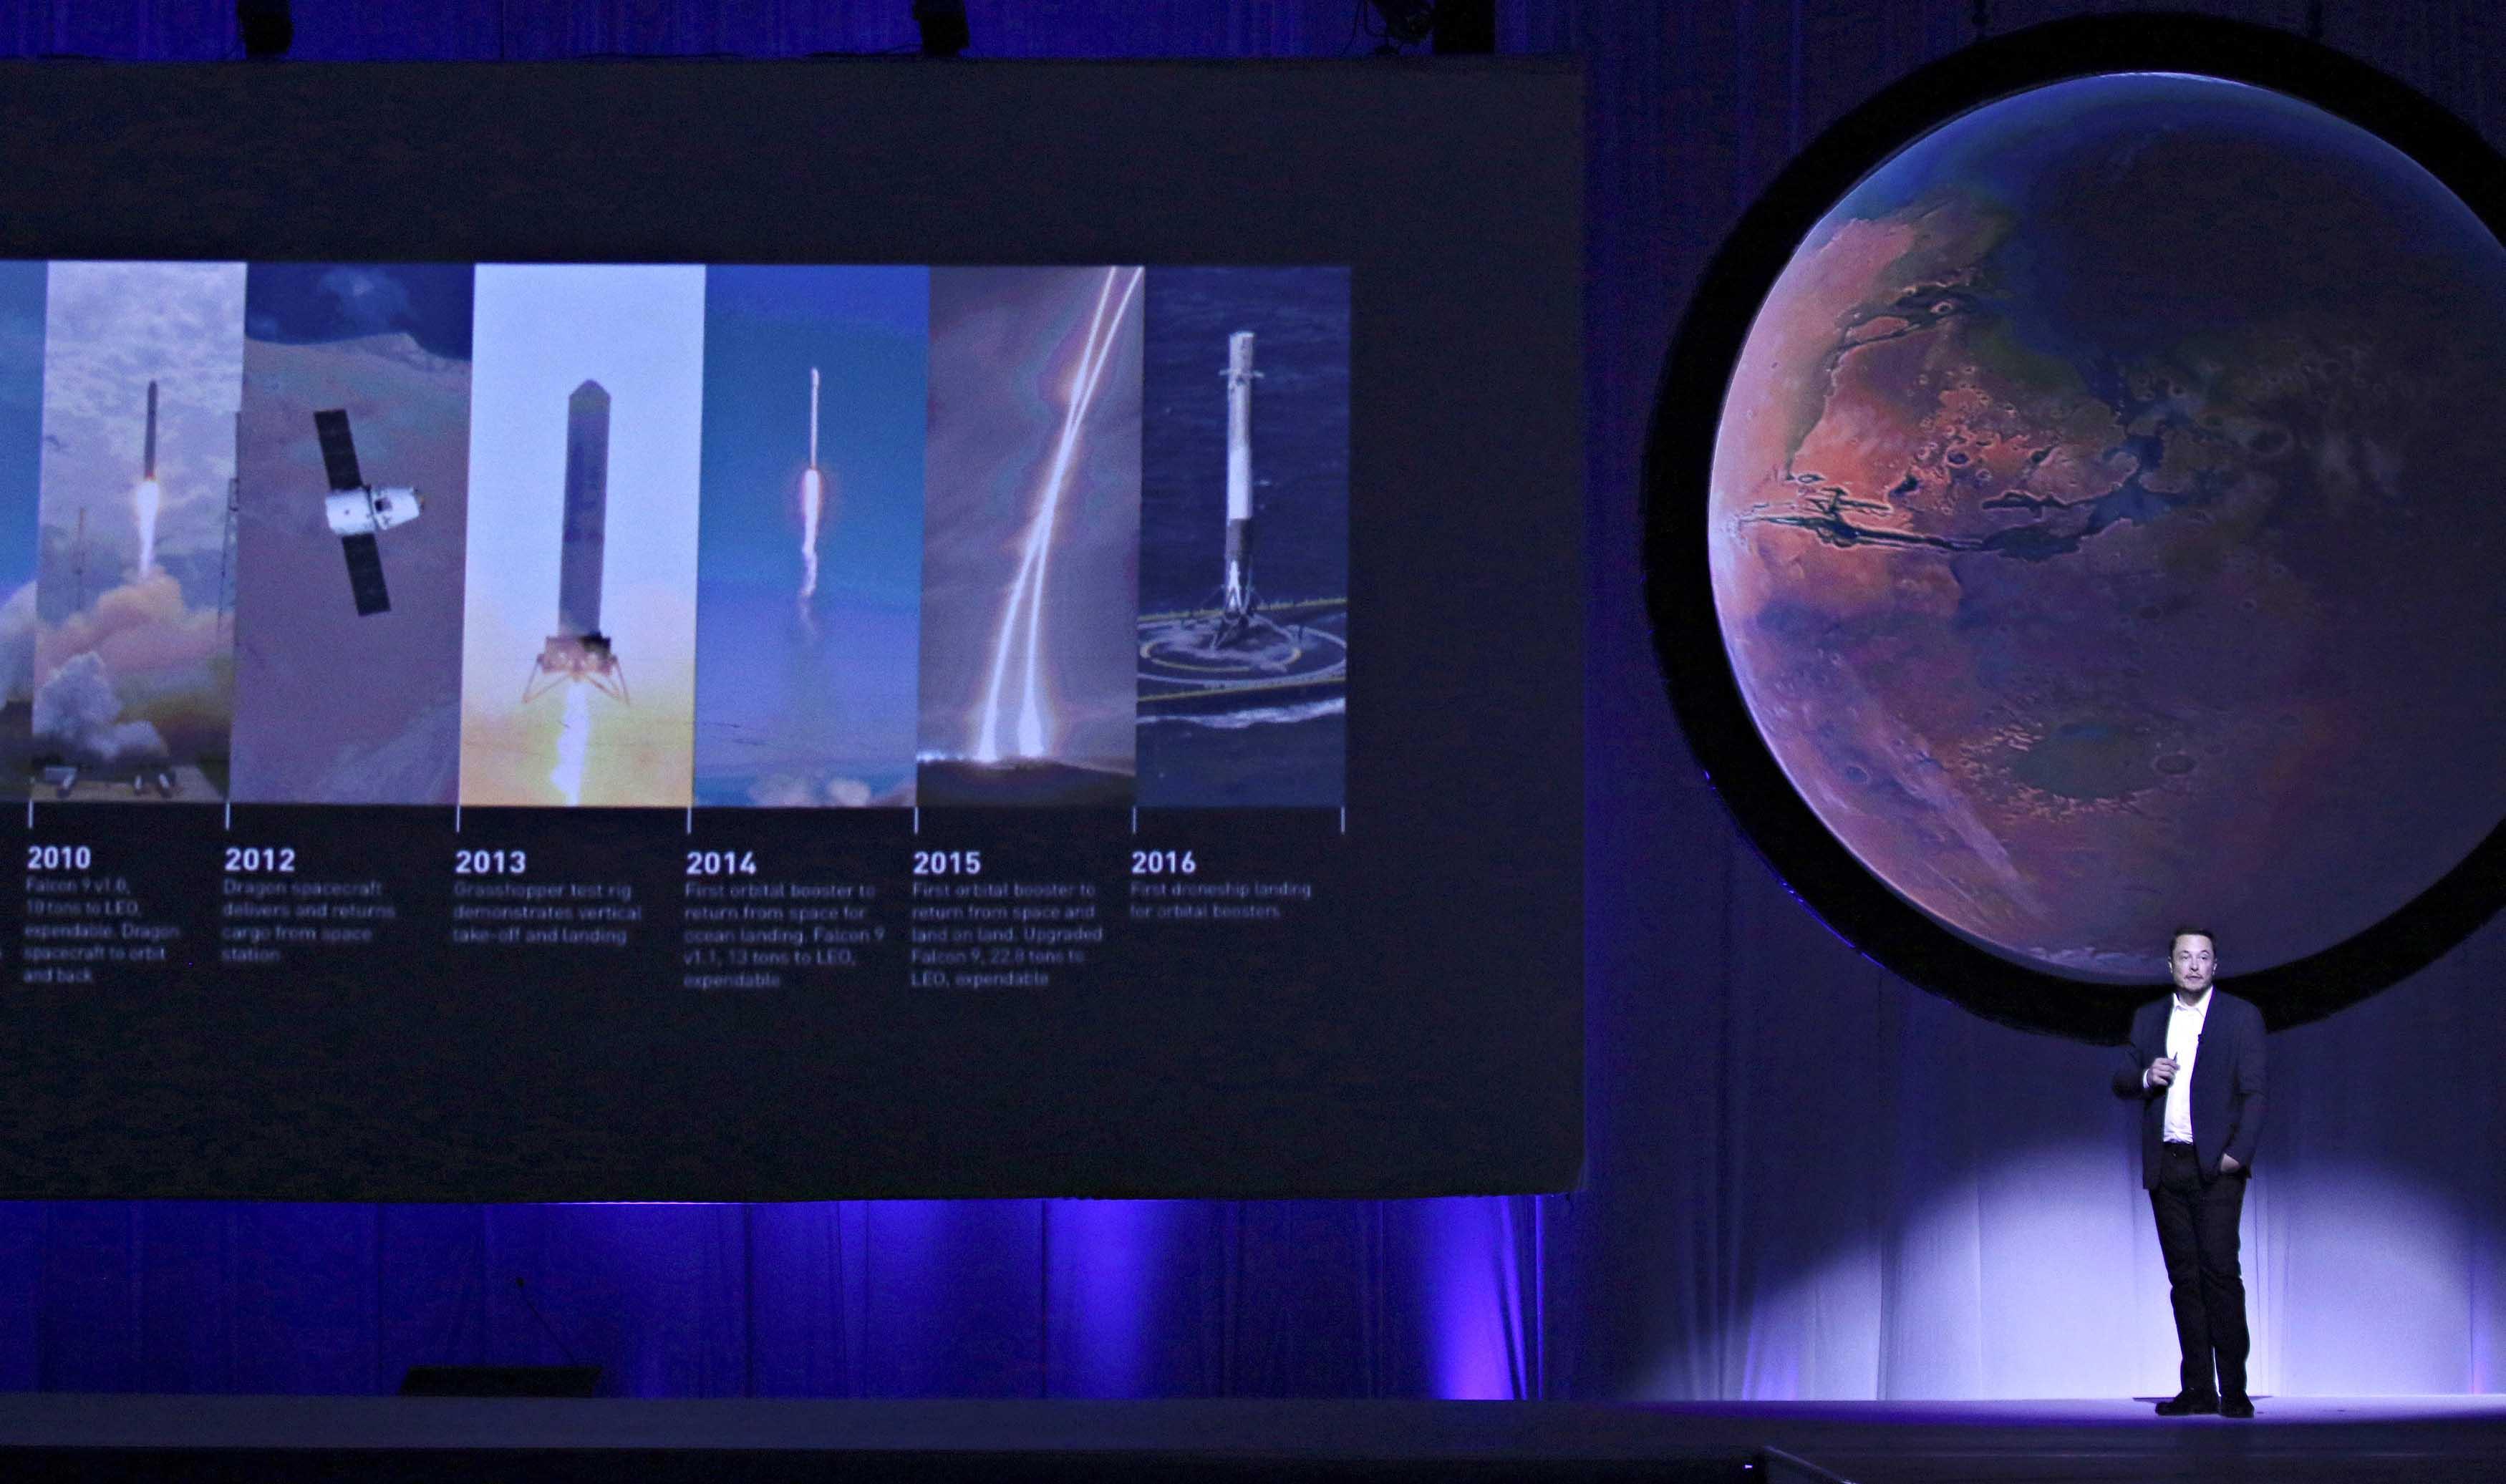 El director y fundador de la compañía espacial, Elon Musk, presentó un plan con el que espera que un millón de personas habiten el planeta en 100 años